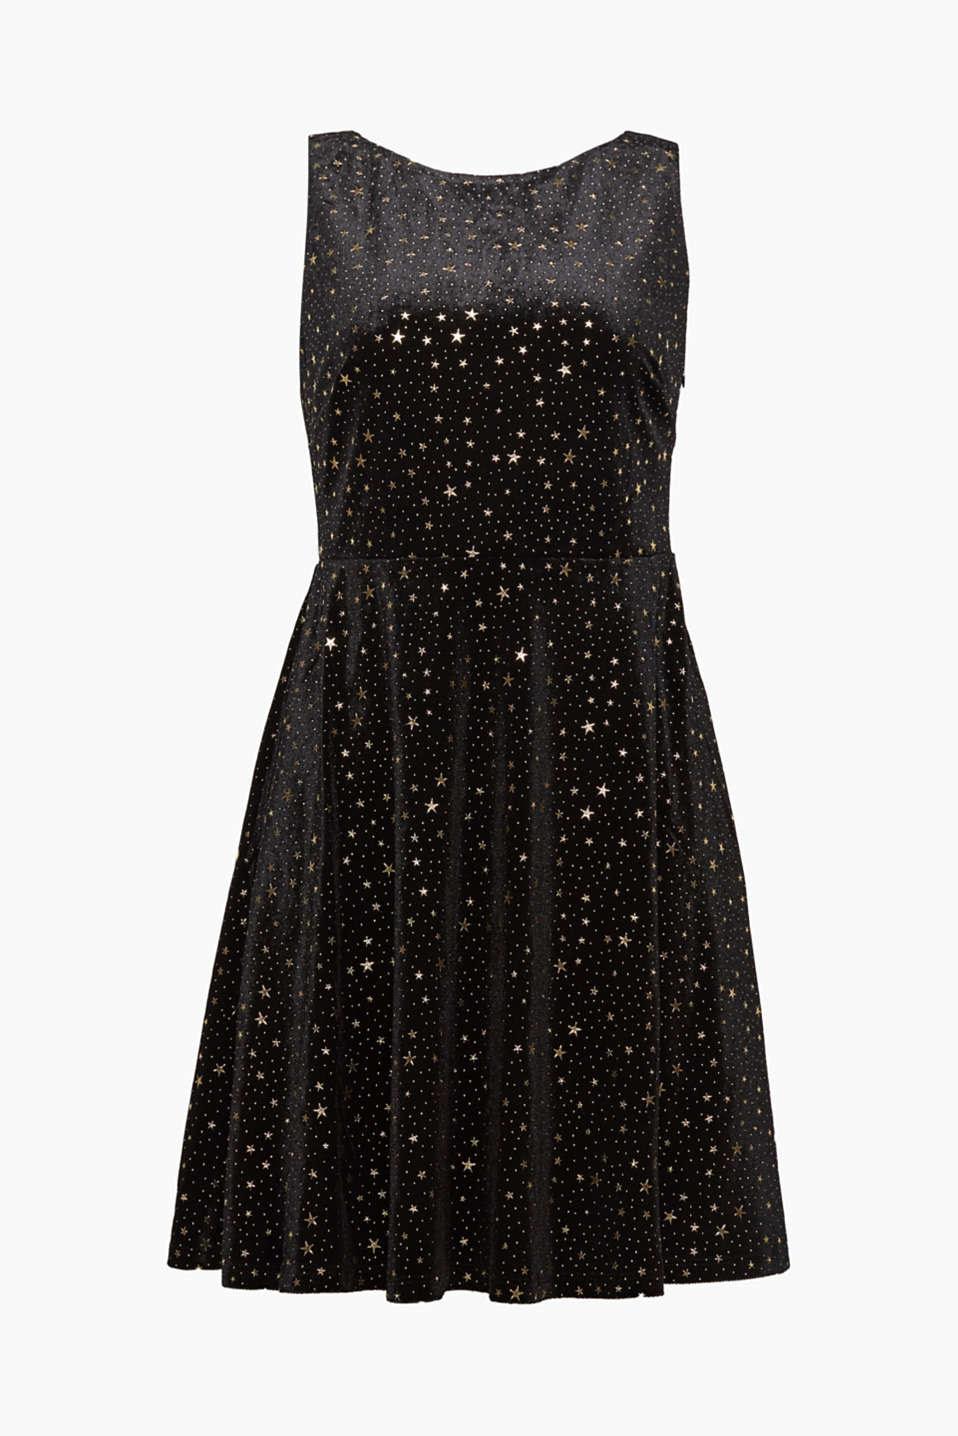 Adoriamo il velluto e questo abito con stampa a stelline con confortevole stretch e scollo dietro a sorpresa!